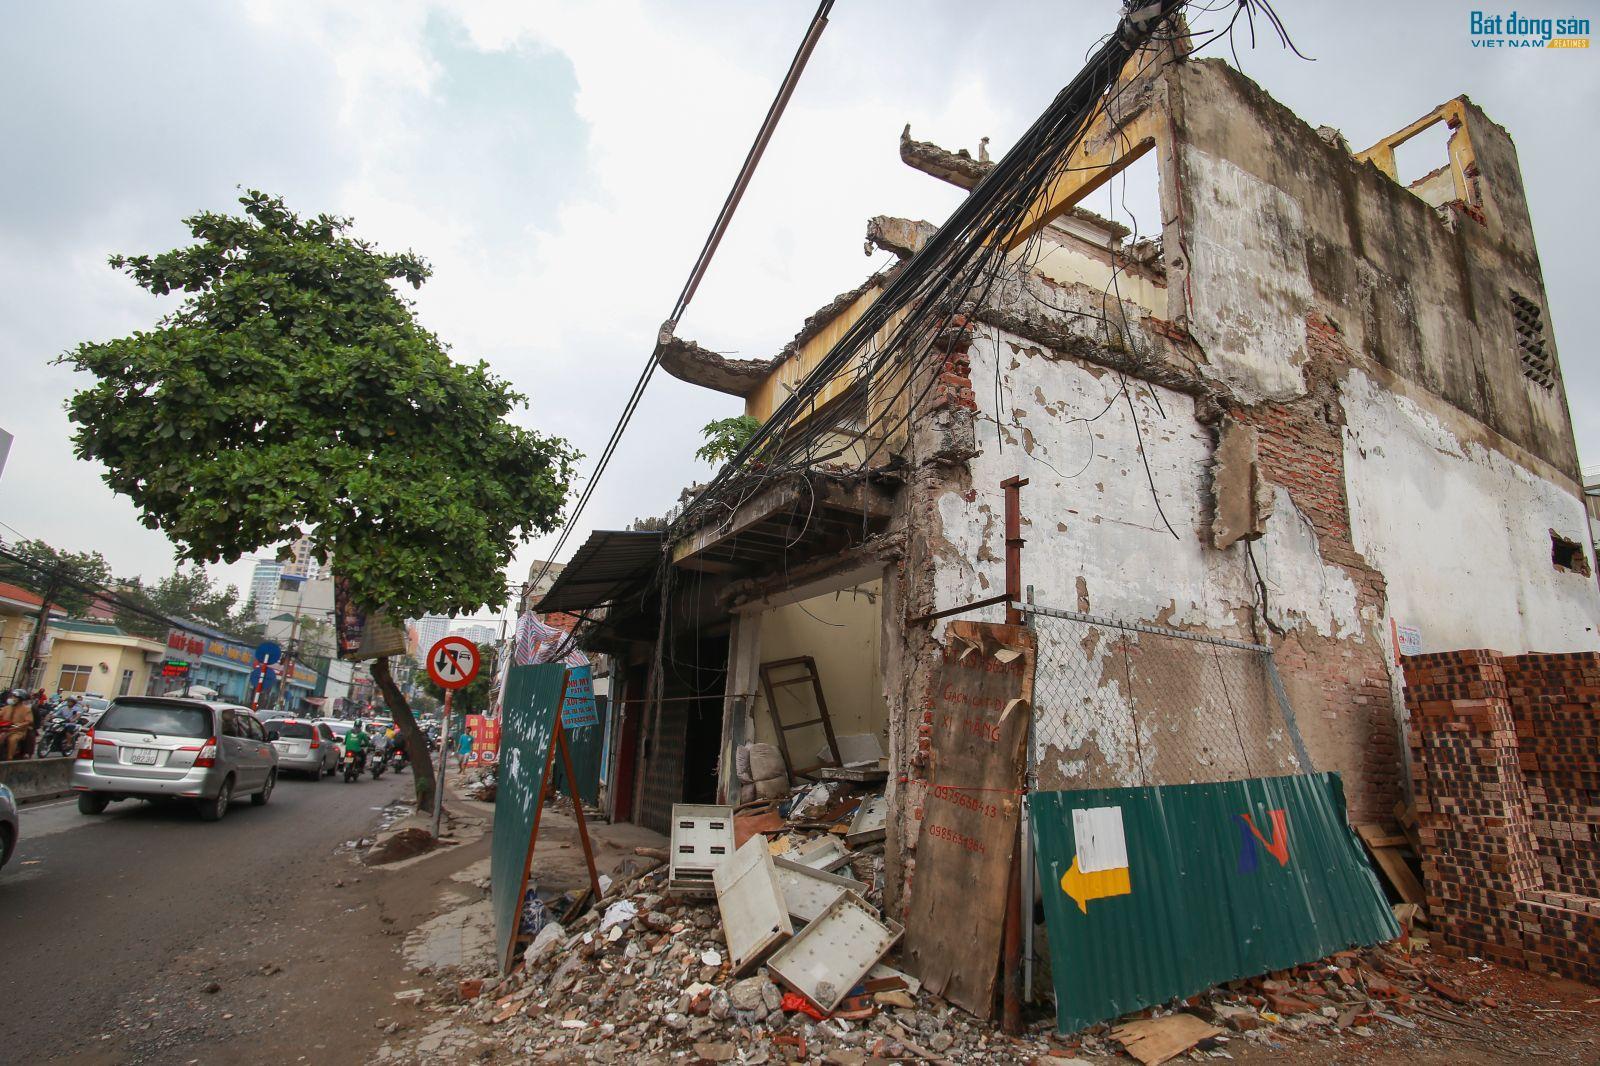 Giải phóng mặt bằng chưa xong, nhiều căn nhà mặt đường Trường Chinh vẫn trong tình trạng phá dỡ dang dở